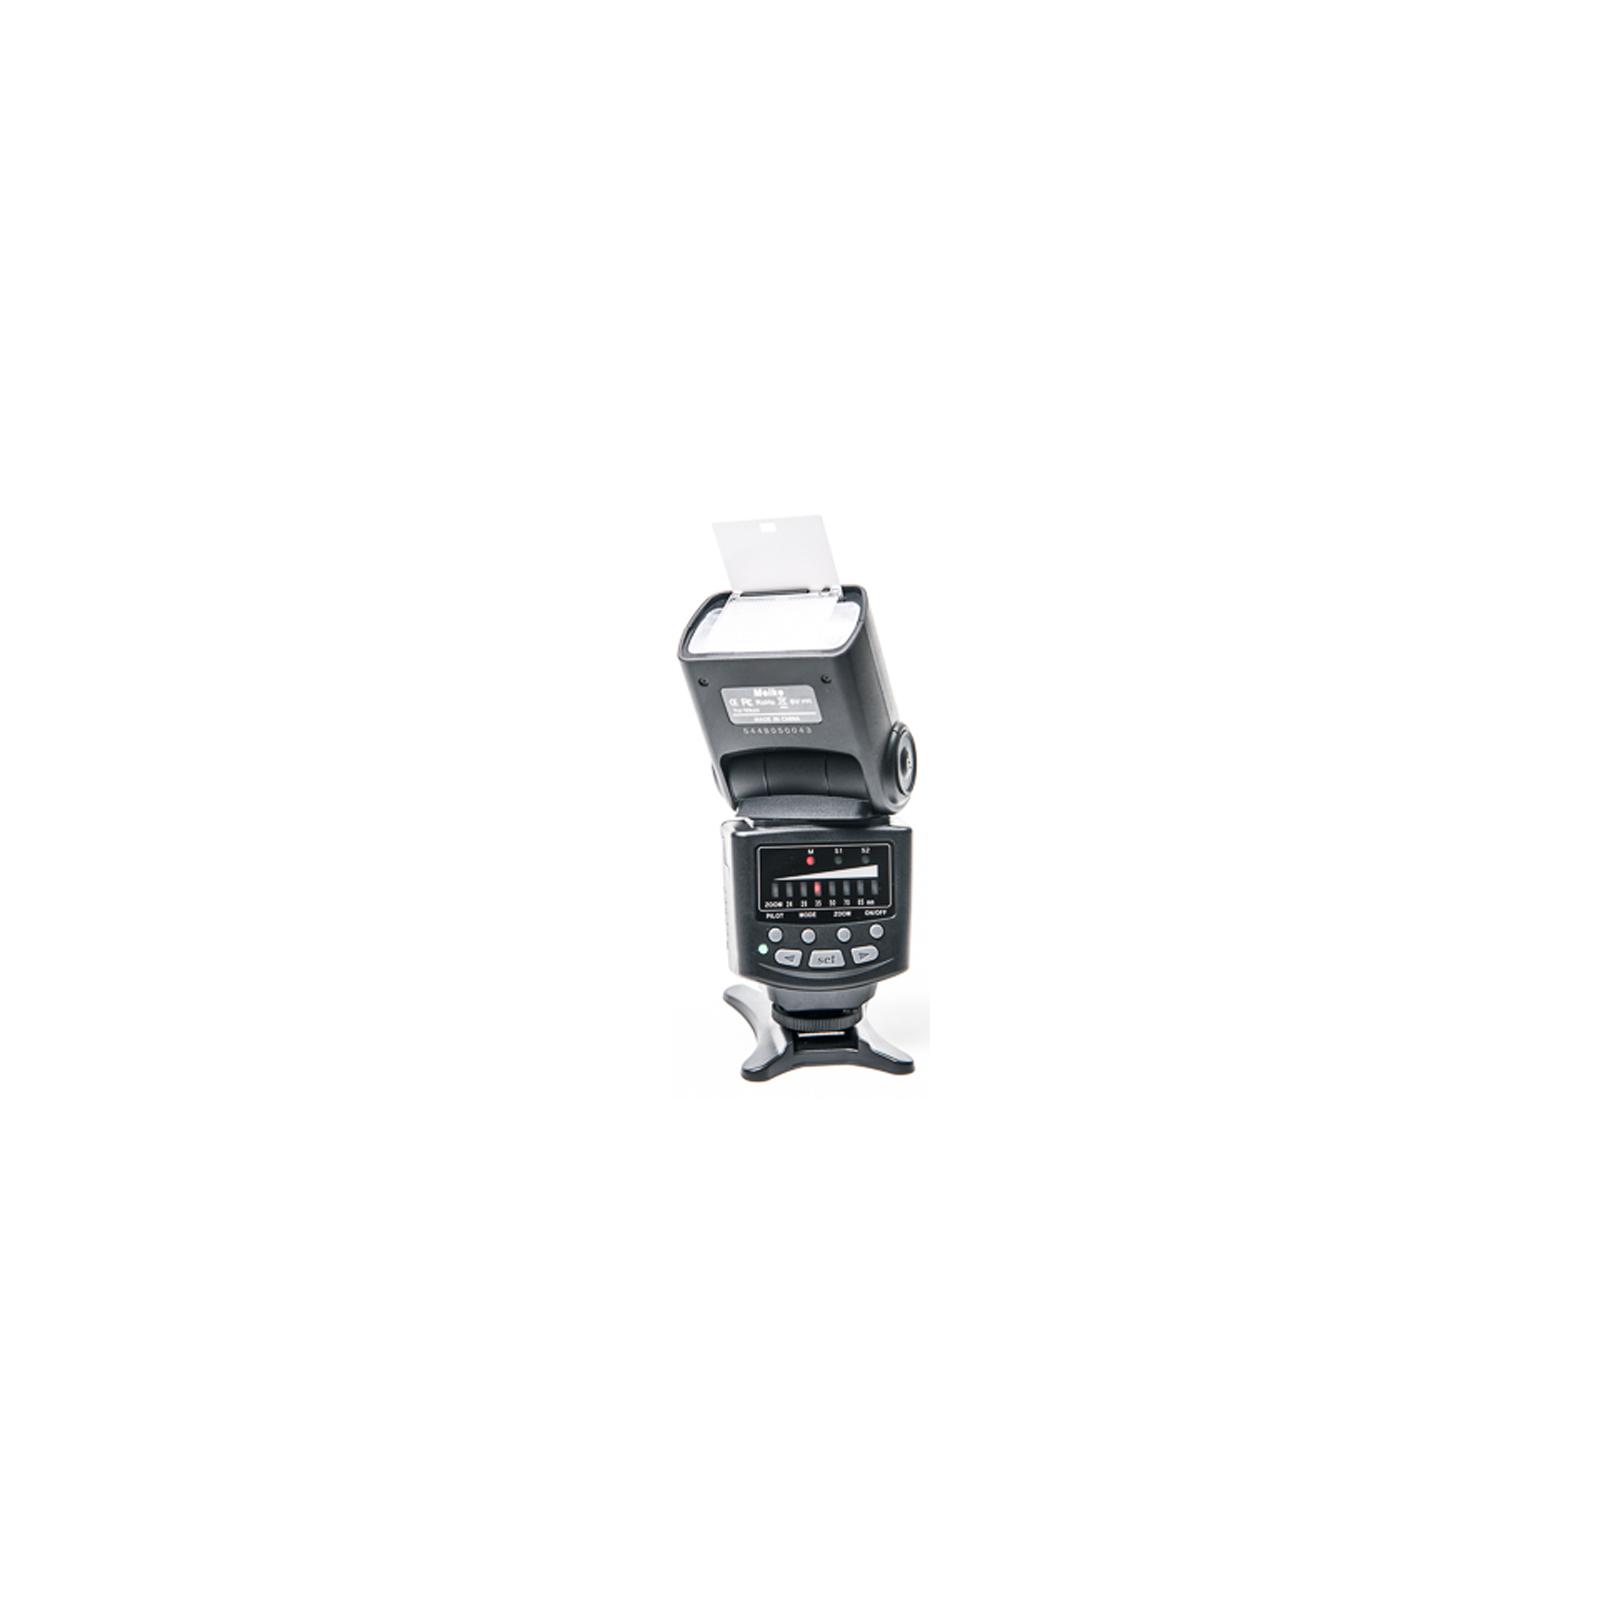 Вспышка Meike Canon 410c (SKW410C) изображение 3